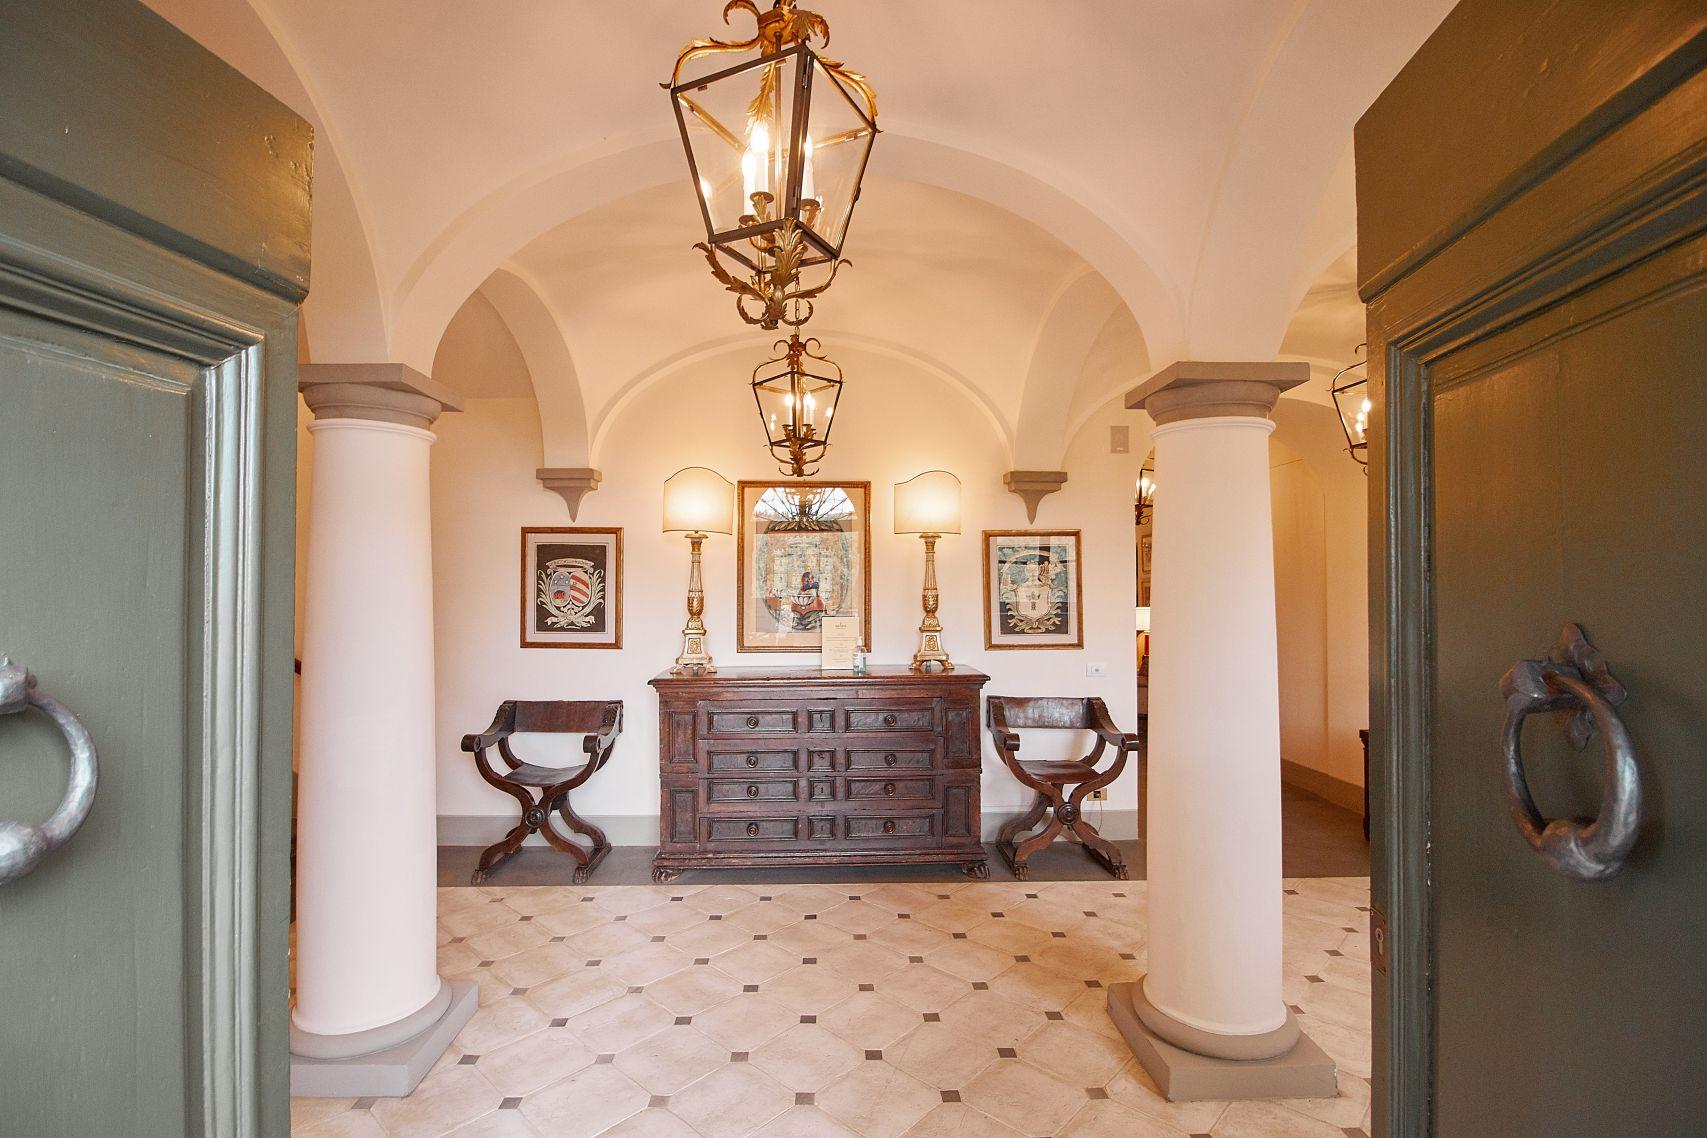 Eingangshalle vom Dievole Wine Resort in Siena als Unterkunft vom Toskana Roadtrip